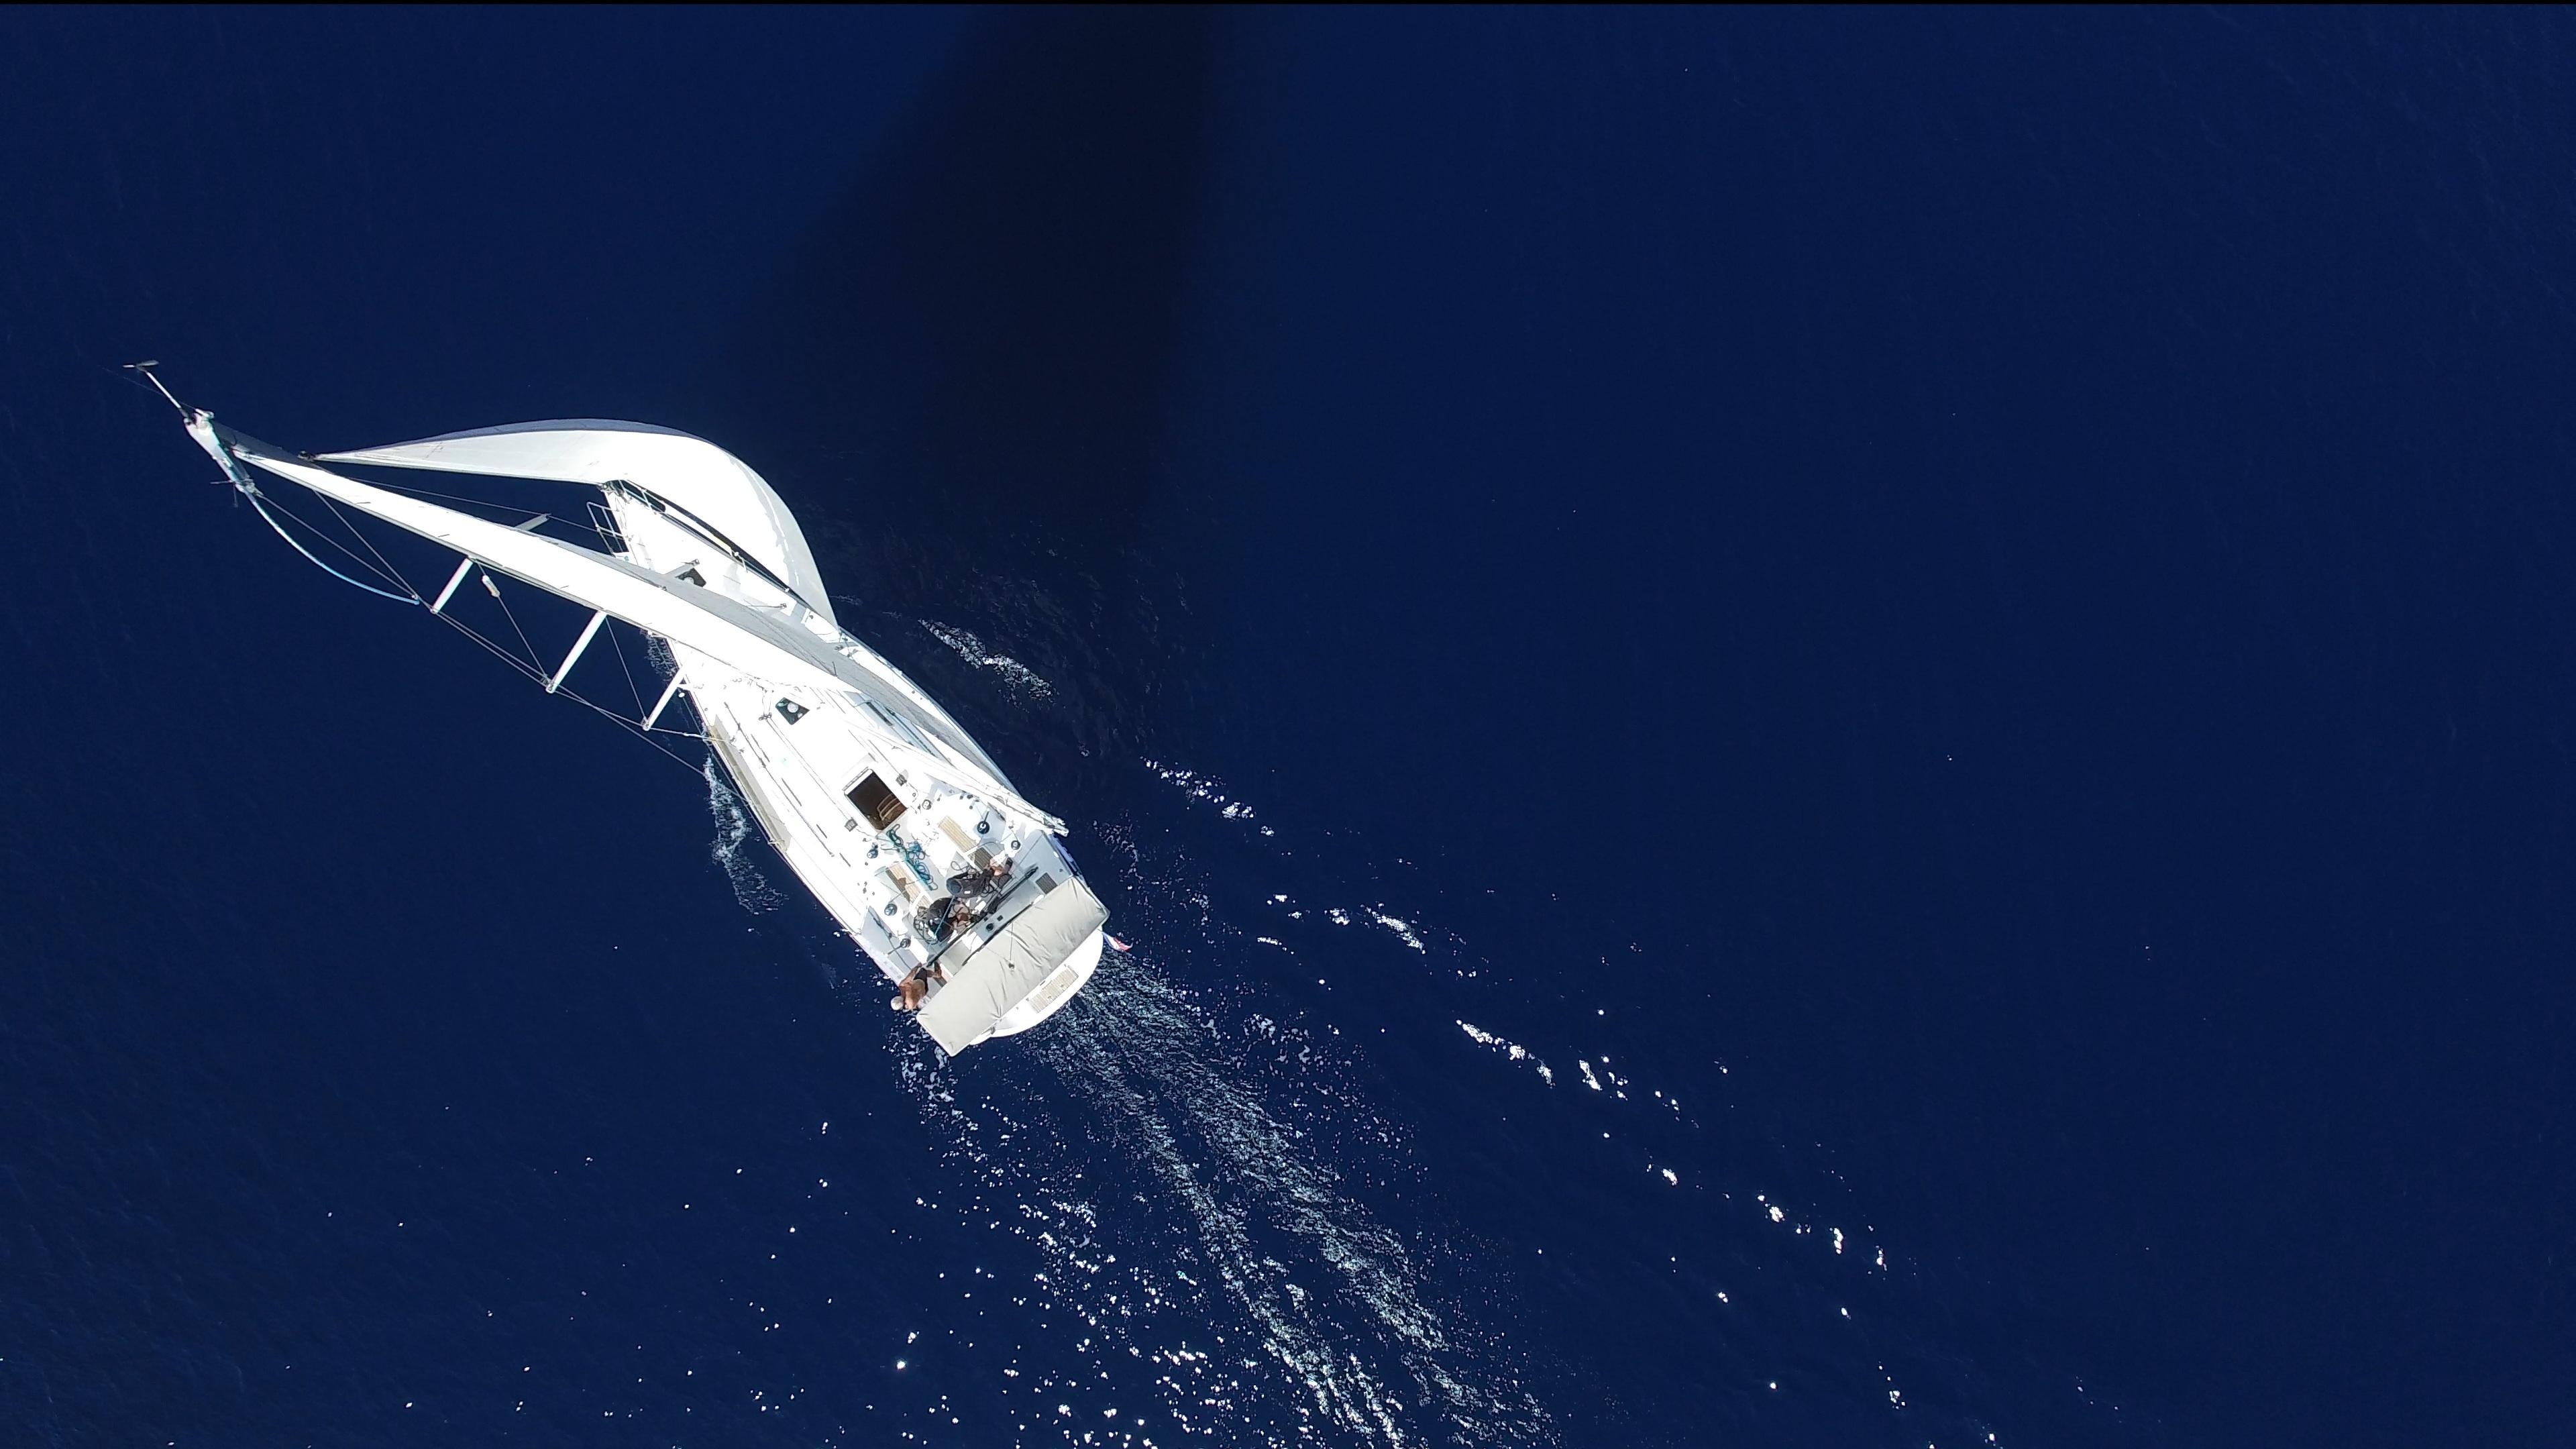 Download 700 Wallpaper Biru Perahu  Gratis